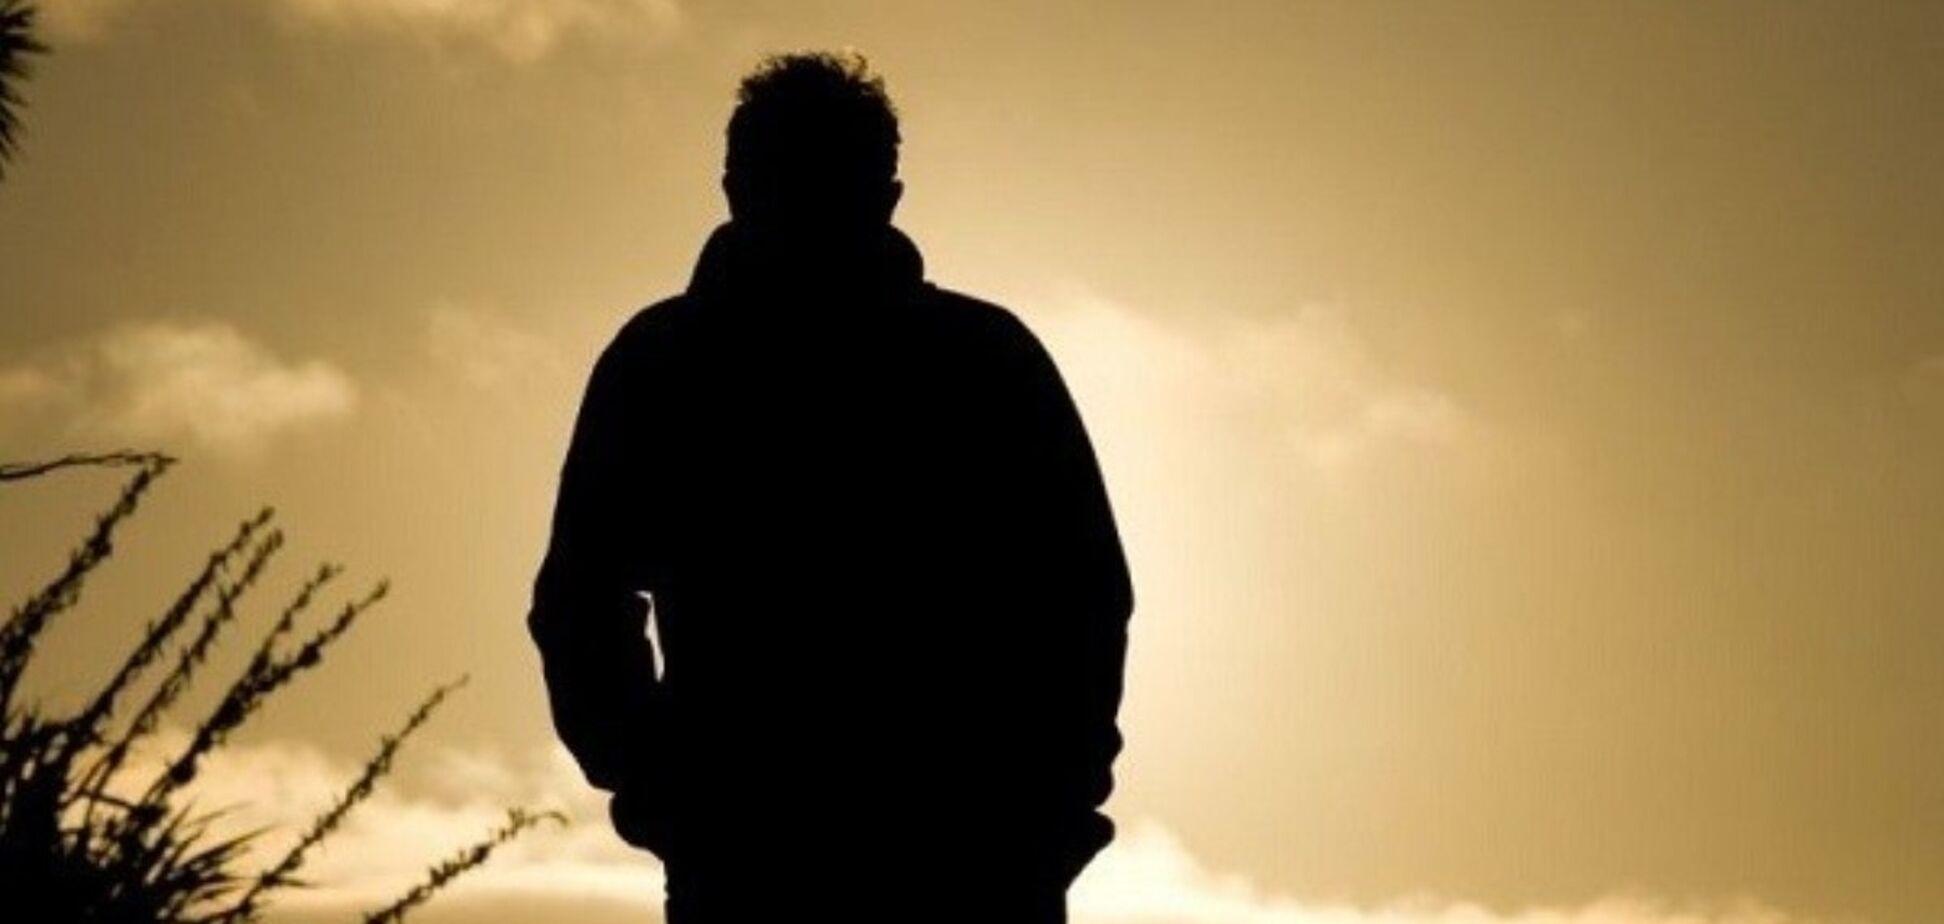 В Днепре разыскивают мужчину с потерей памяти: фото и приметы